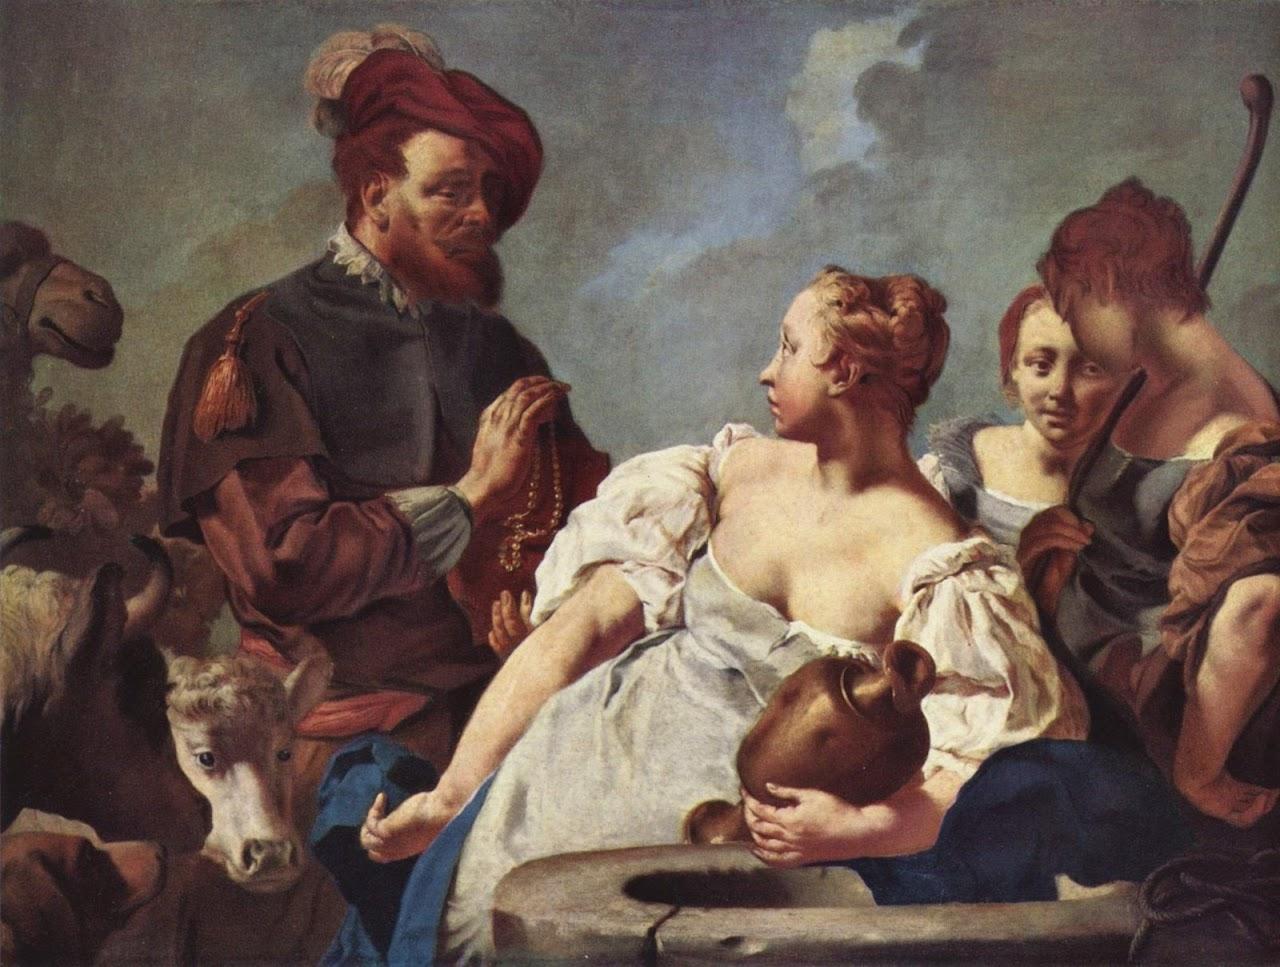 http://1.bp.blogspot.com/_B1y_VzCwENU/SRSO6g4IVgI/AAAAAAAAcLM/hSrqXSSGlPo/s1280/Giovanni+Battista+Piazzetta1.jpg